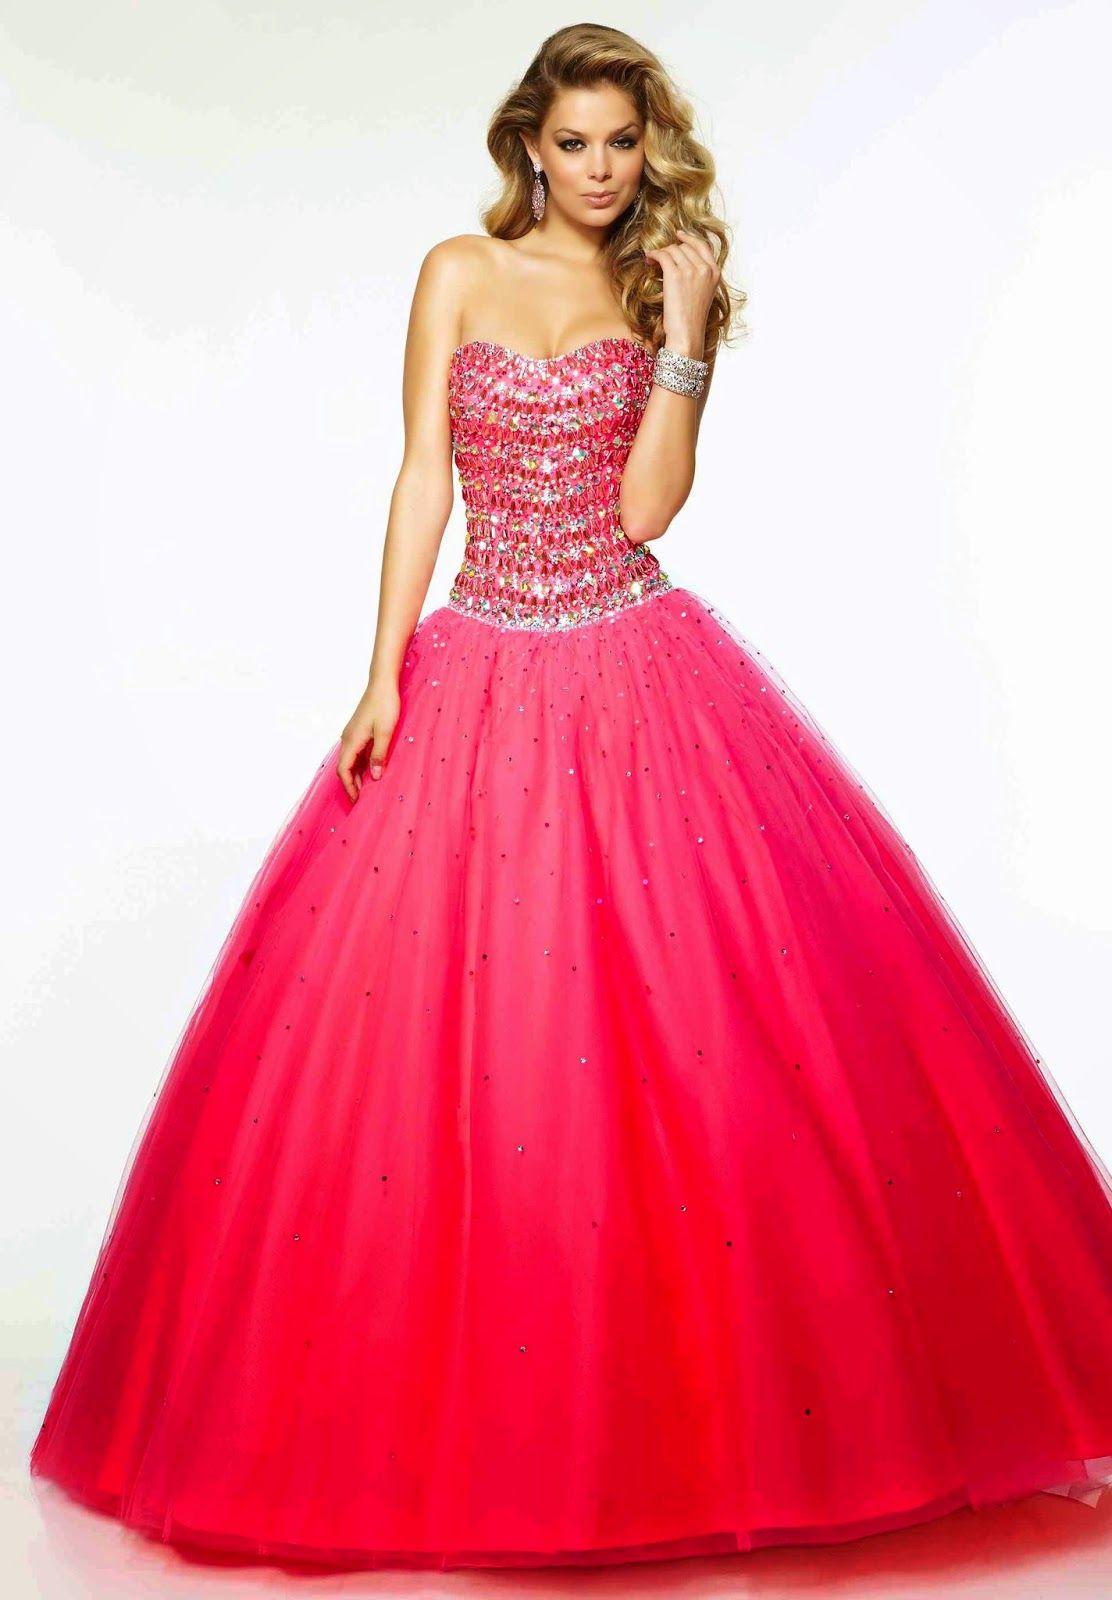 Moda Para Fiestas De Quinceañeras Bonitos Vestidos De